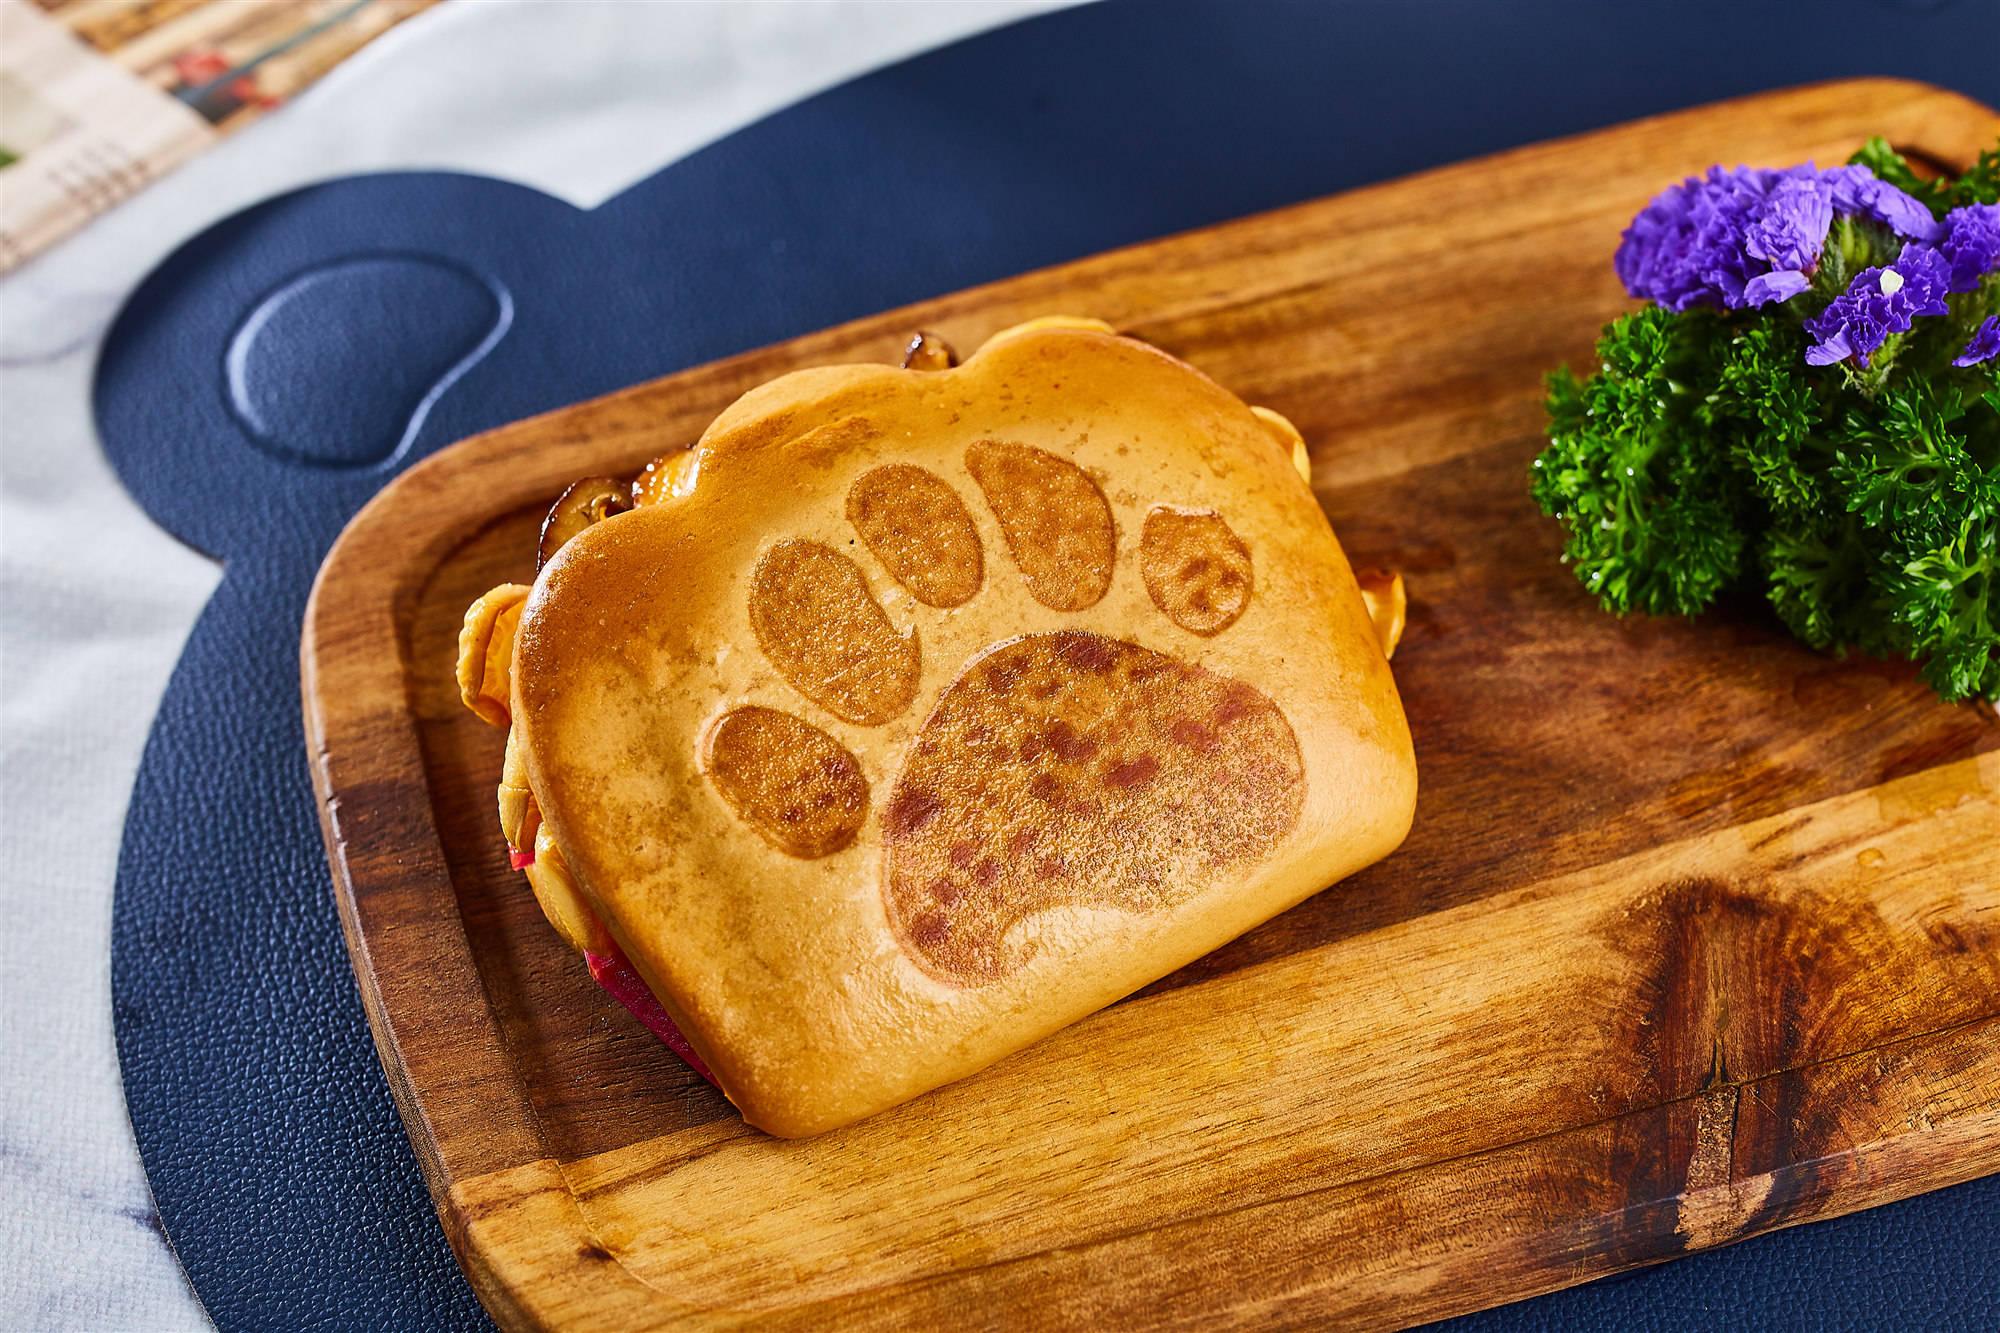 熊掌爷爷包的美味产品